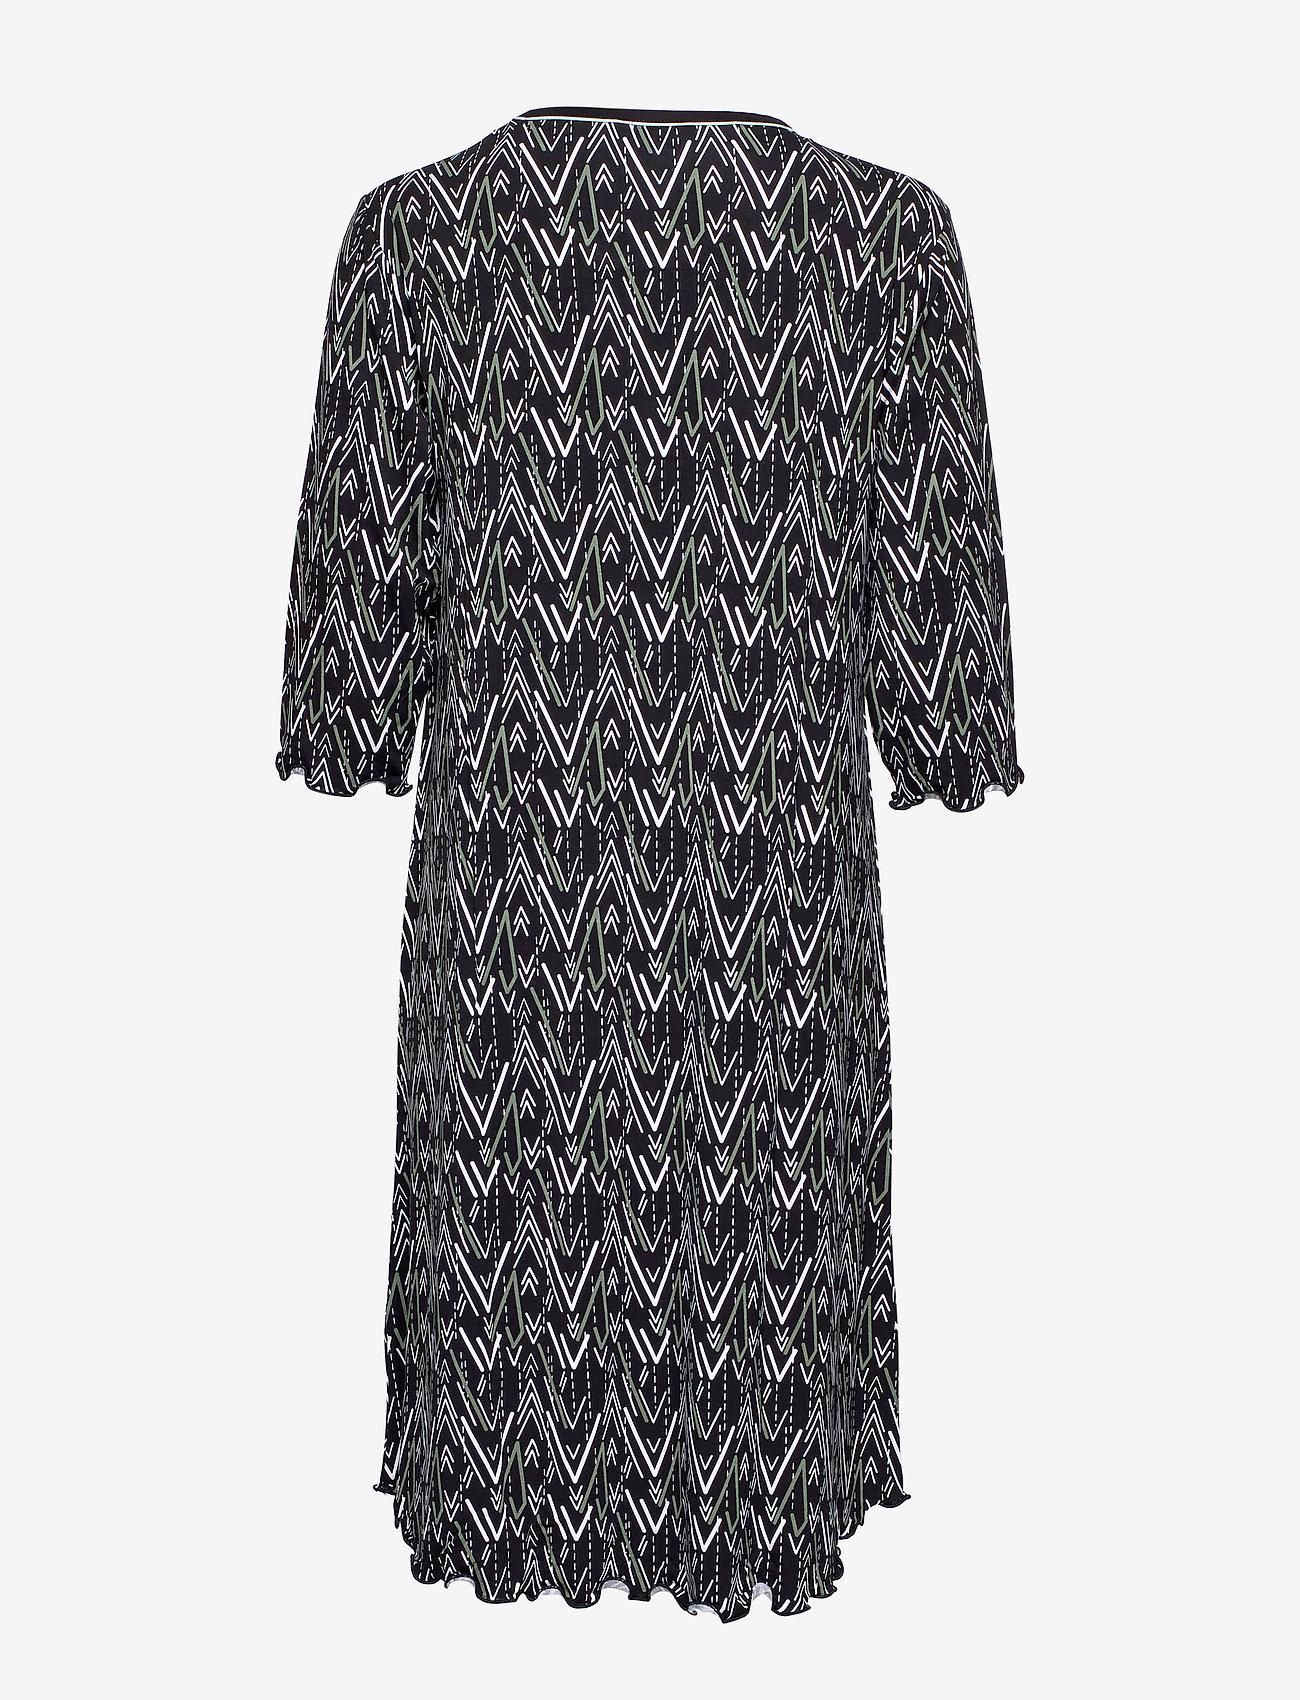 Bamboo 3/4-sleeve Nightdress (Olive Zigzag) - Lady Avenue RTQeLR